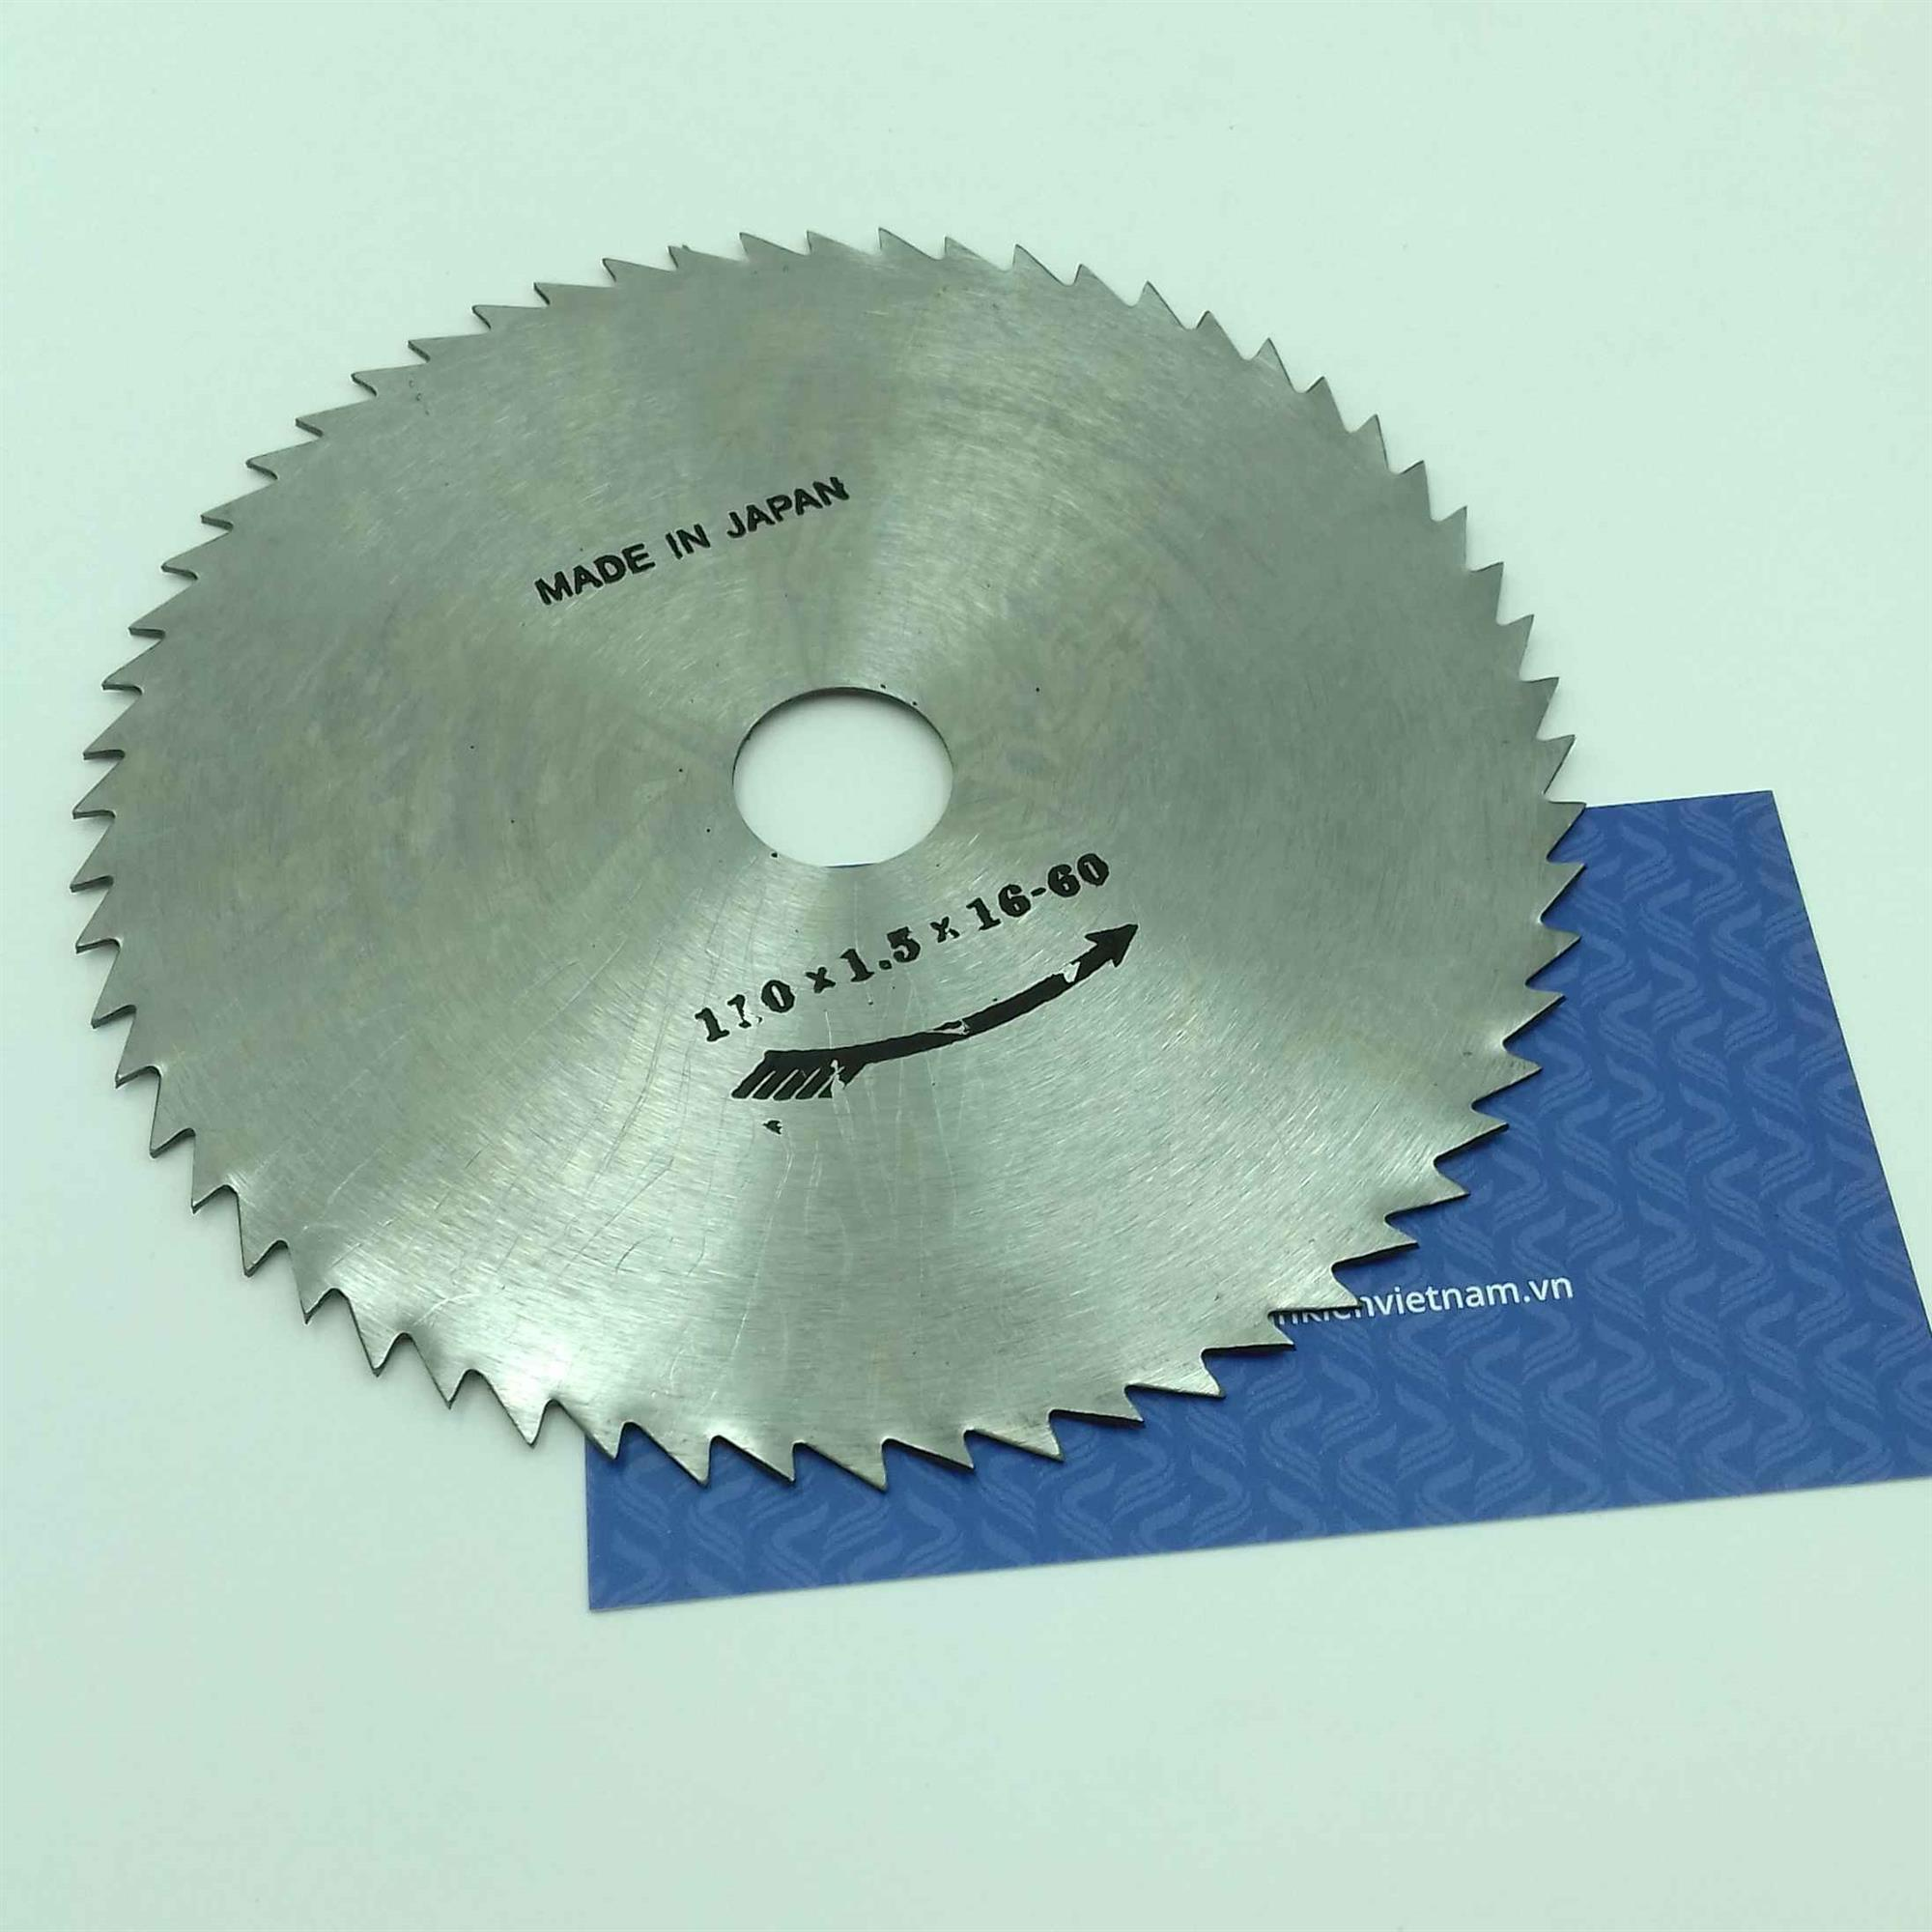 Lưỡi cắt gỗ răng mịn 4 inch / Lưỡi cưa / Lưỡi cắt cho động cơ 775 - I6H18